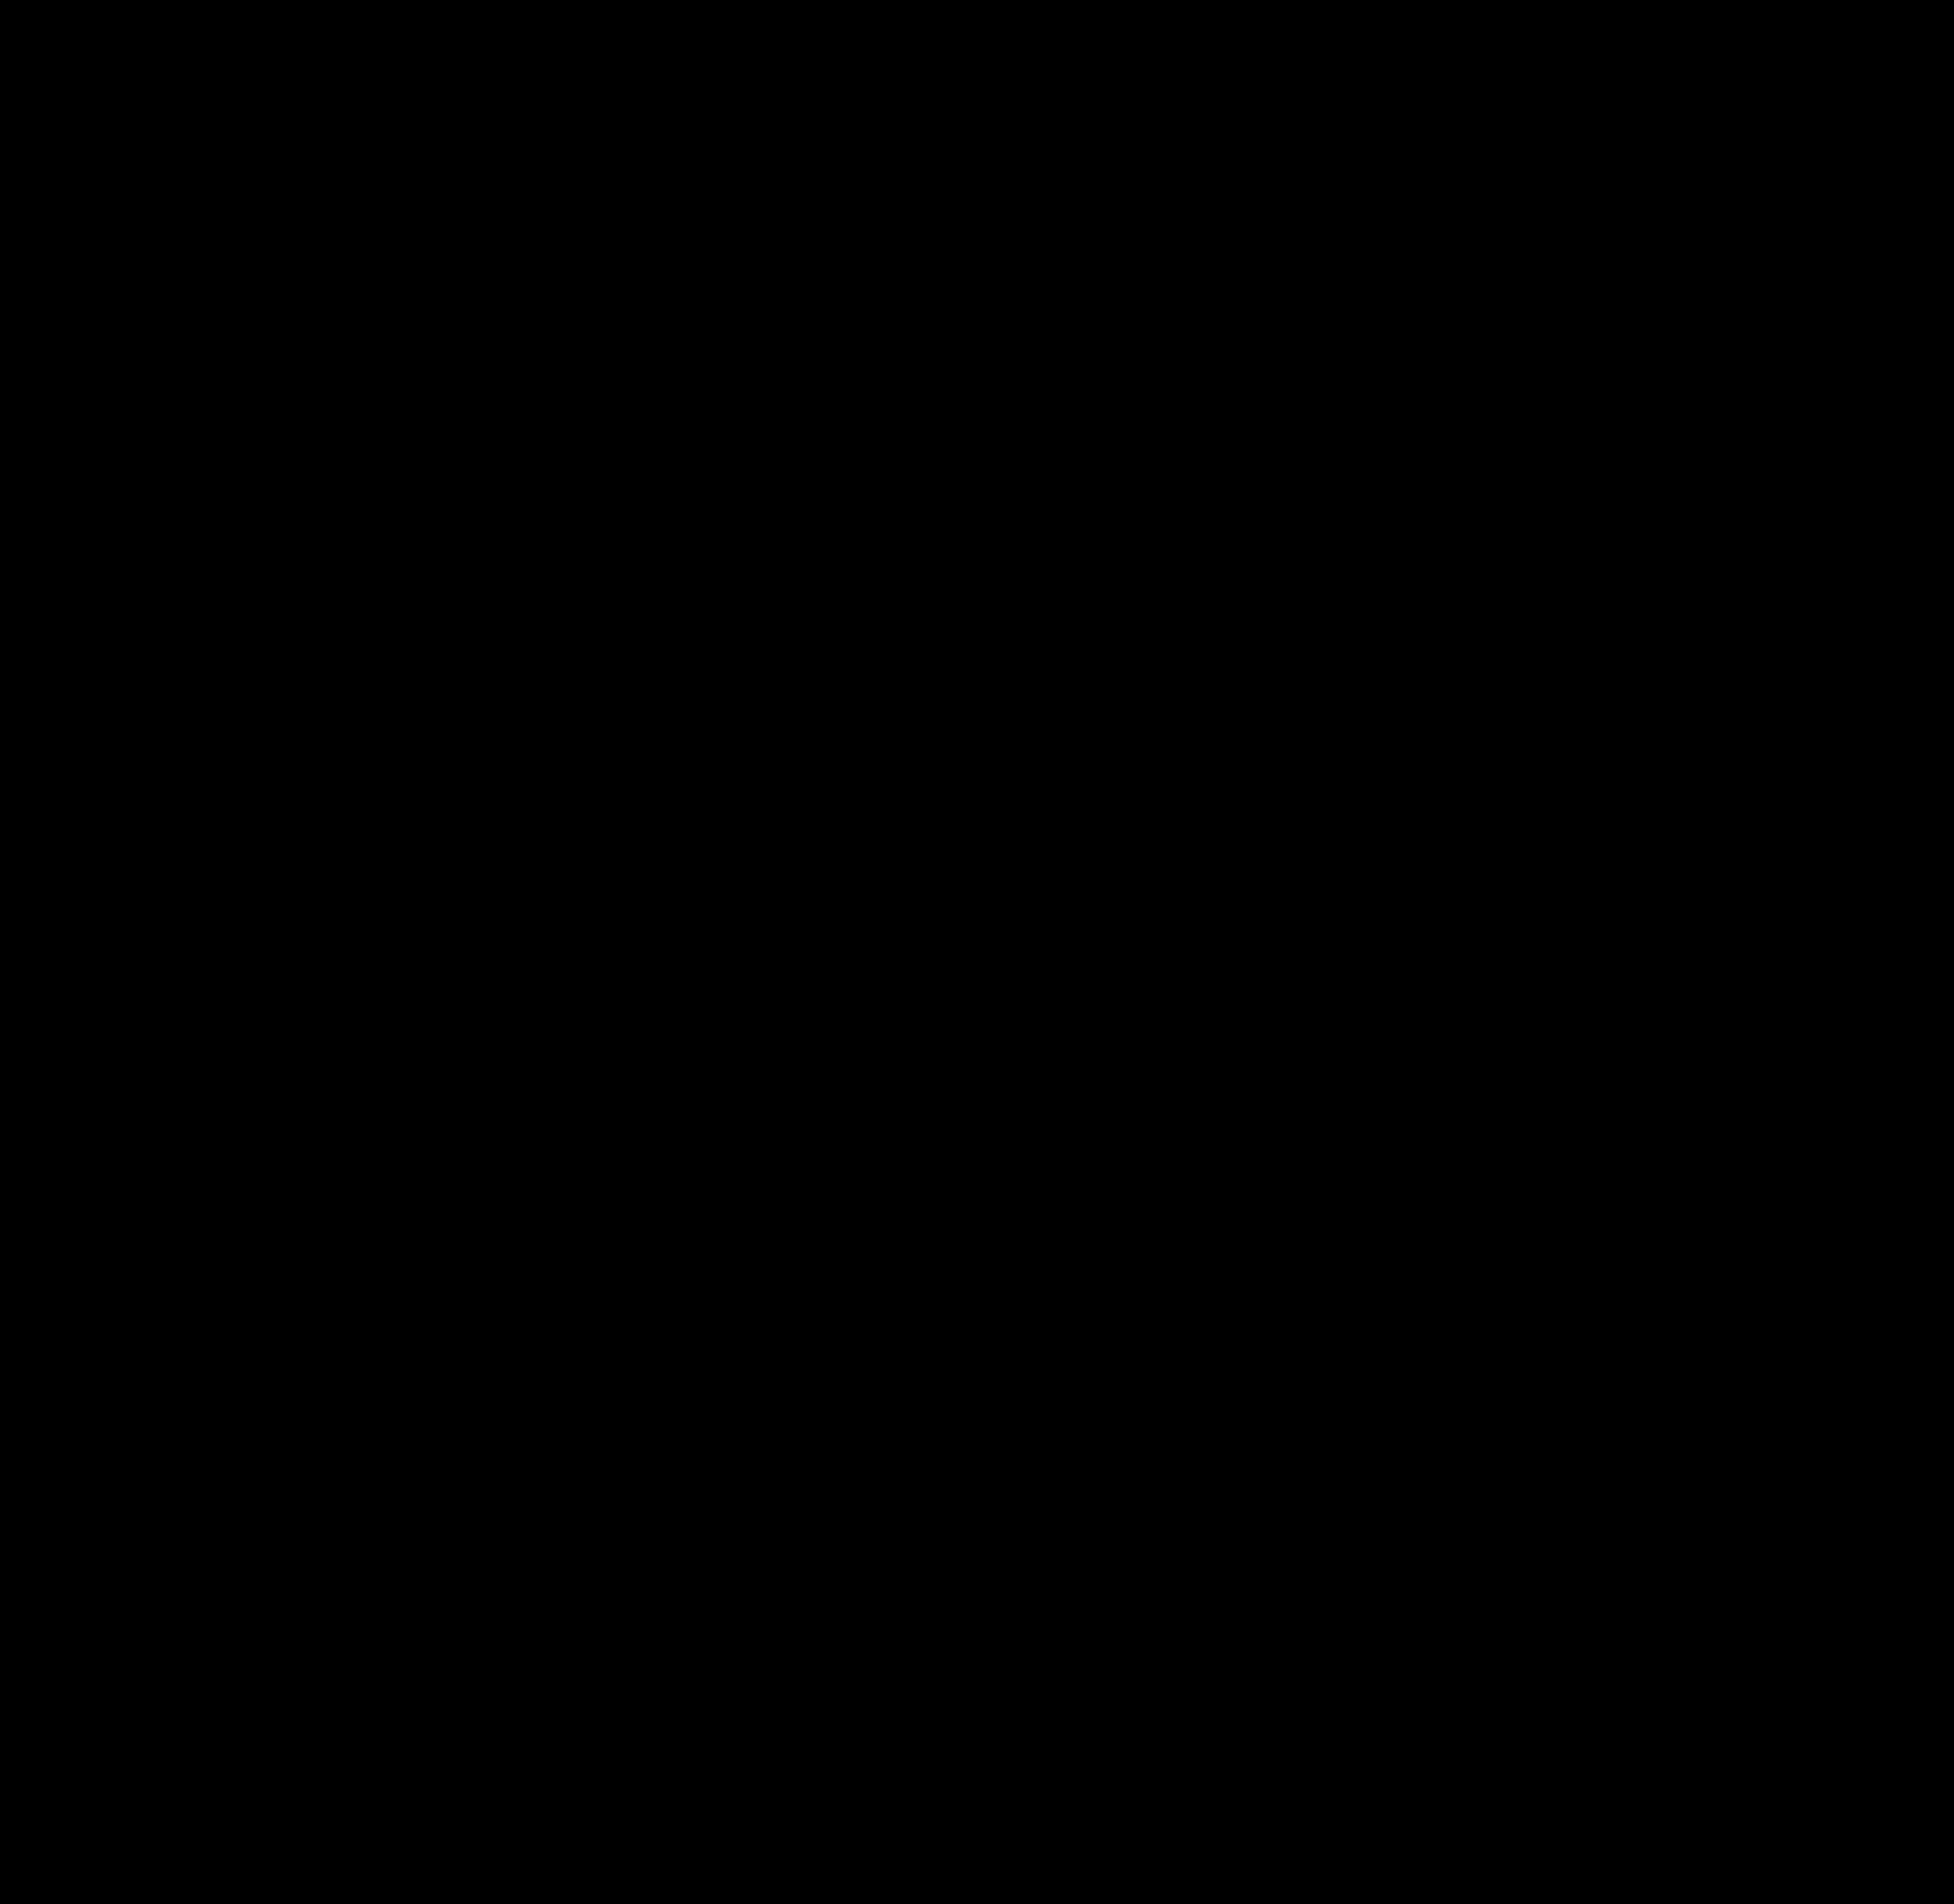 simons logga klar KLAR-02.png